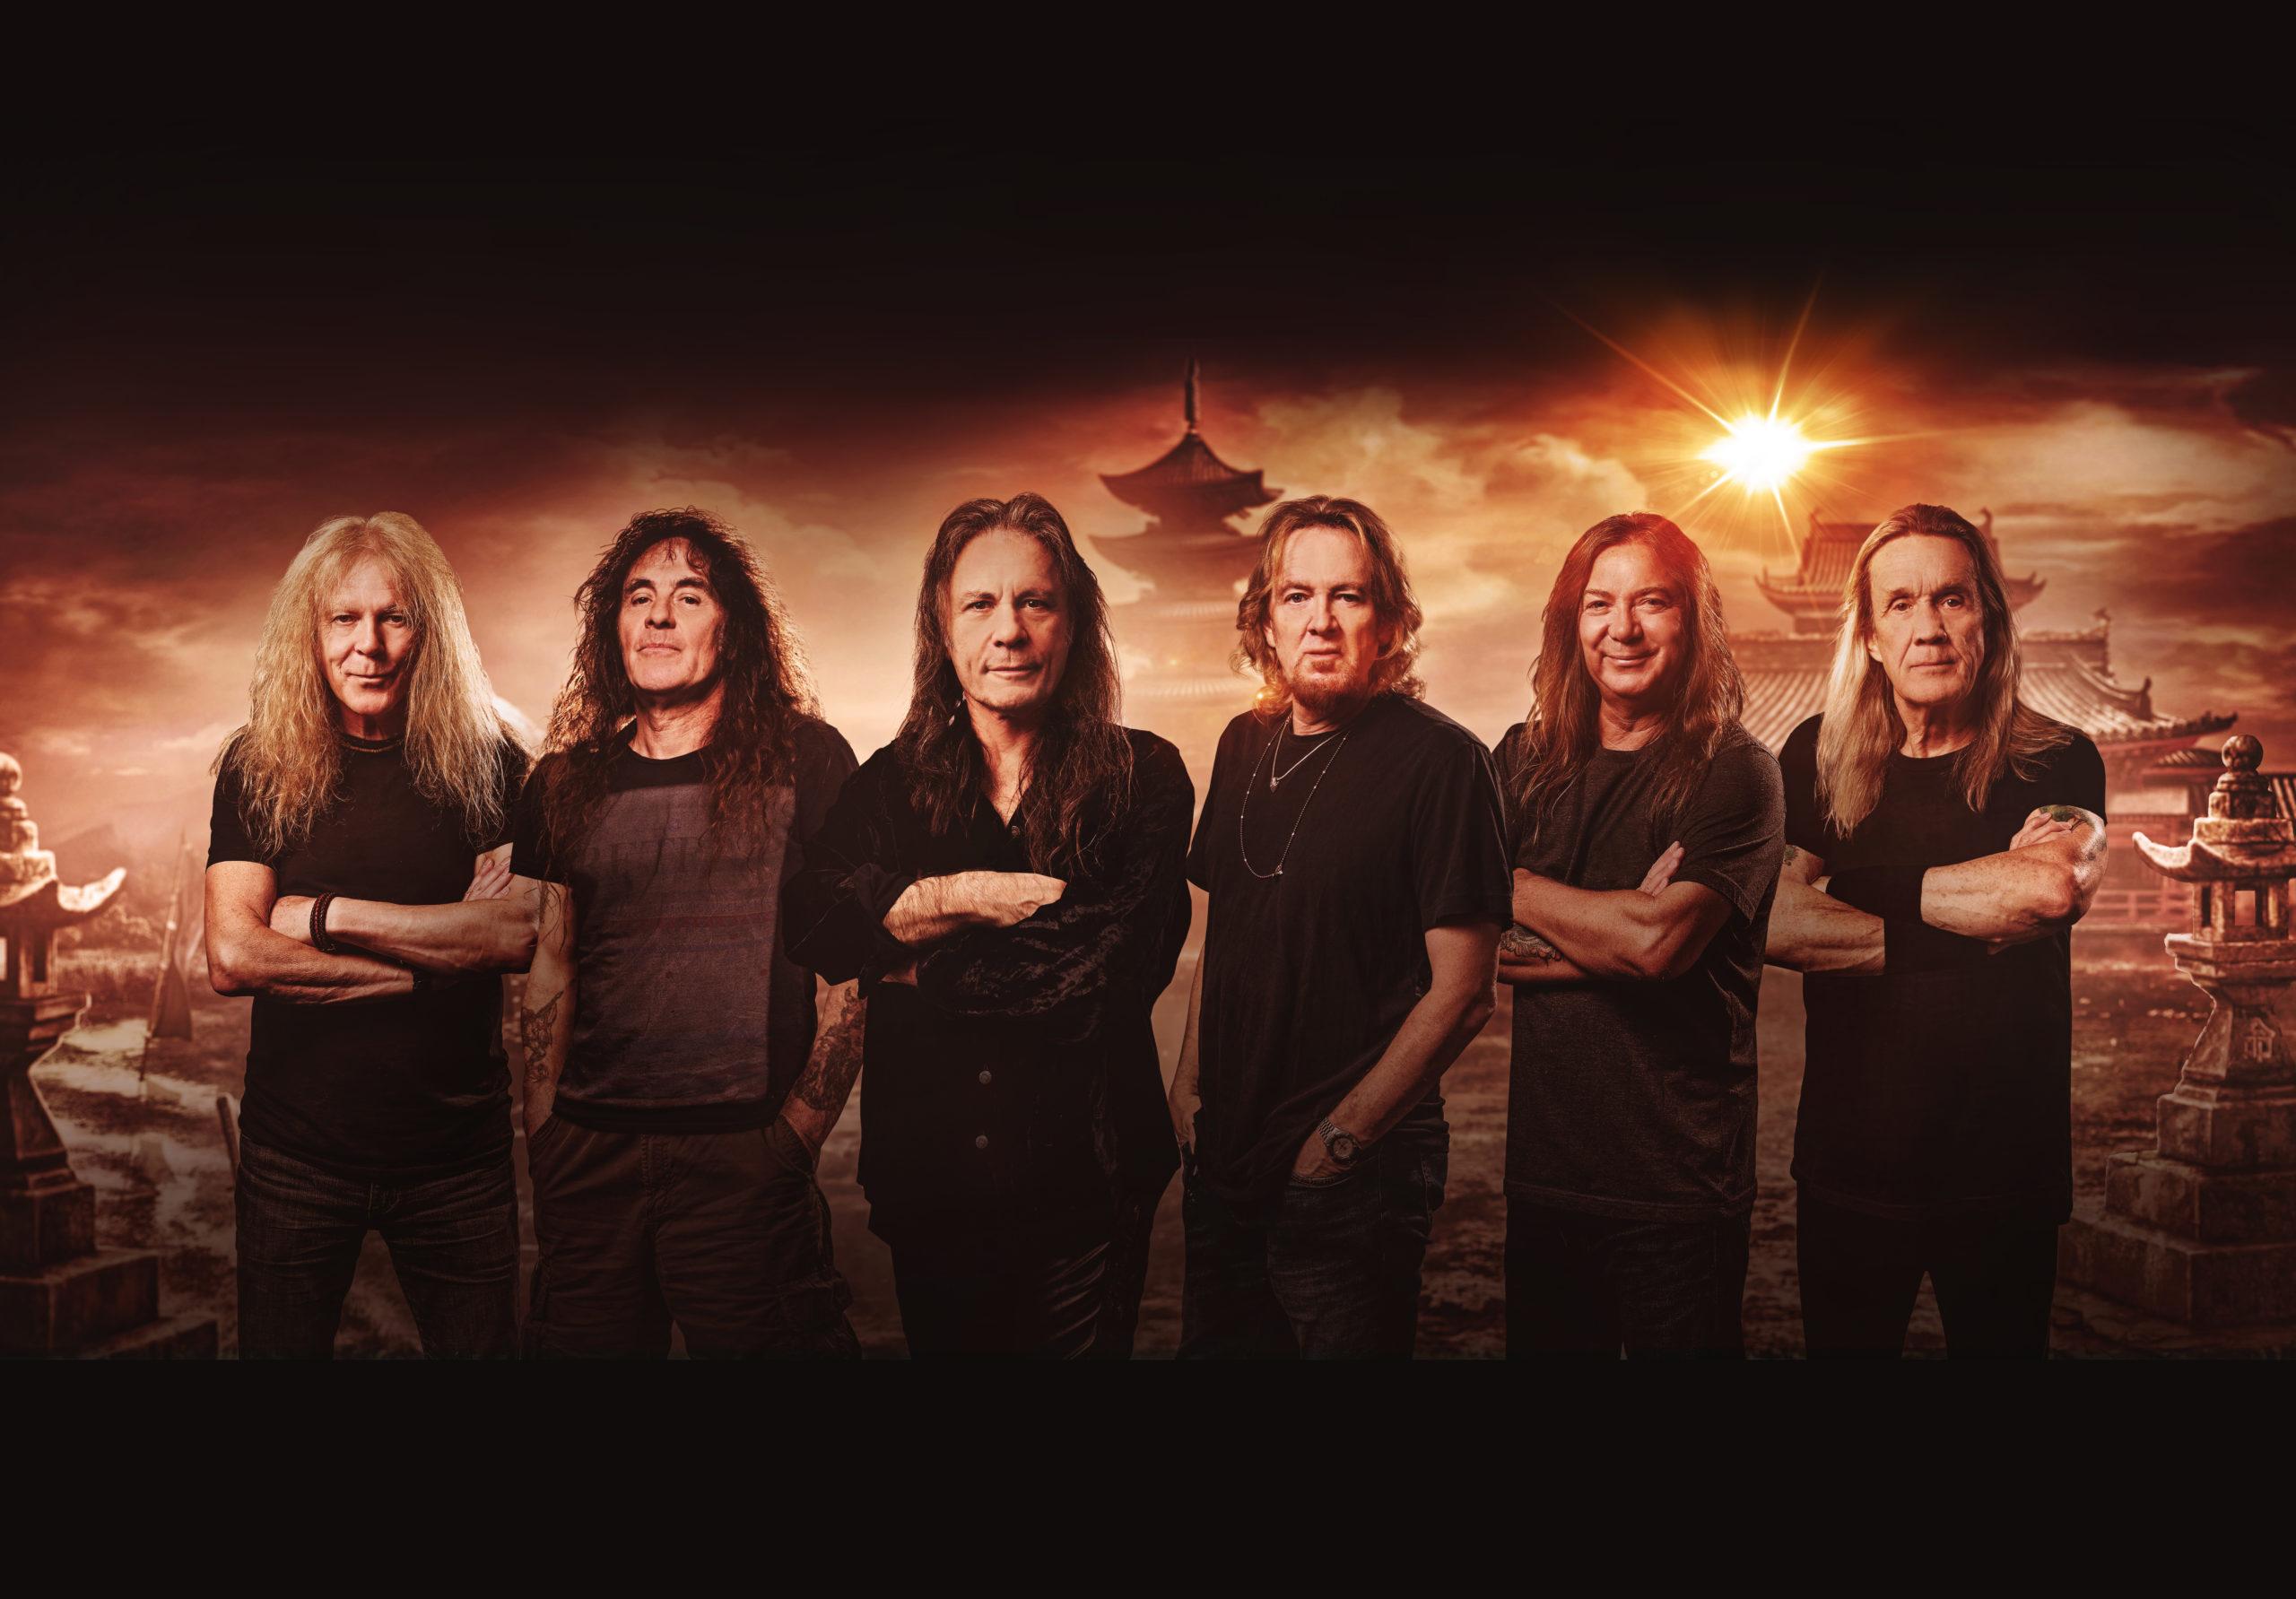 """Iron Maiden jatkaa animoitujen musiikkivideoiden julkaisua: Tällä kertaa vuorossa video """"Stratego"""" -kappaleesta"""